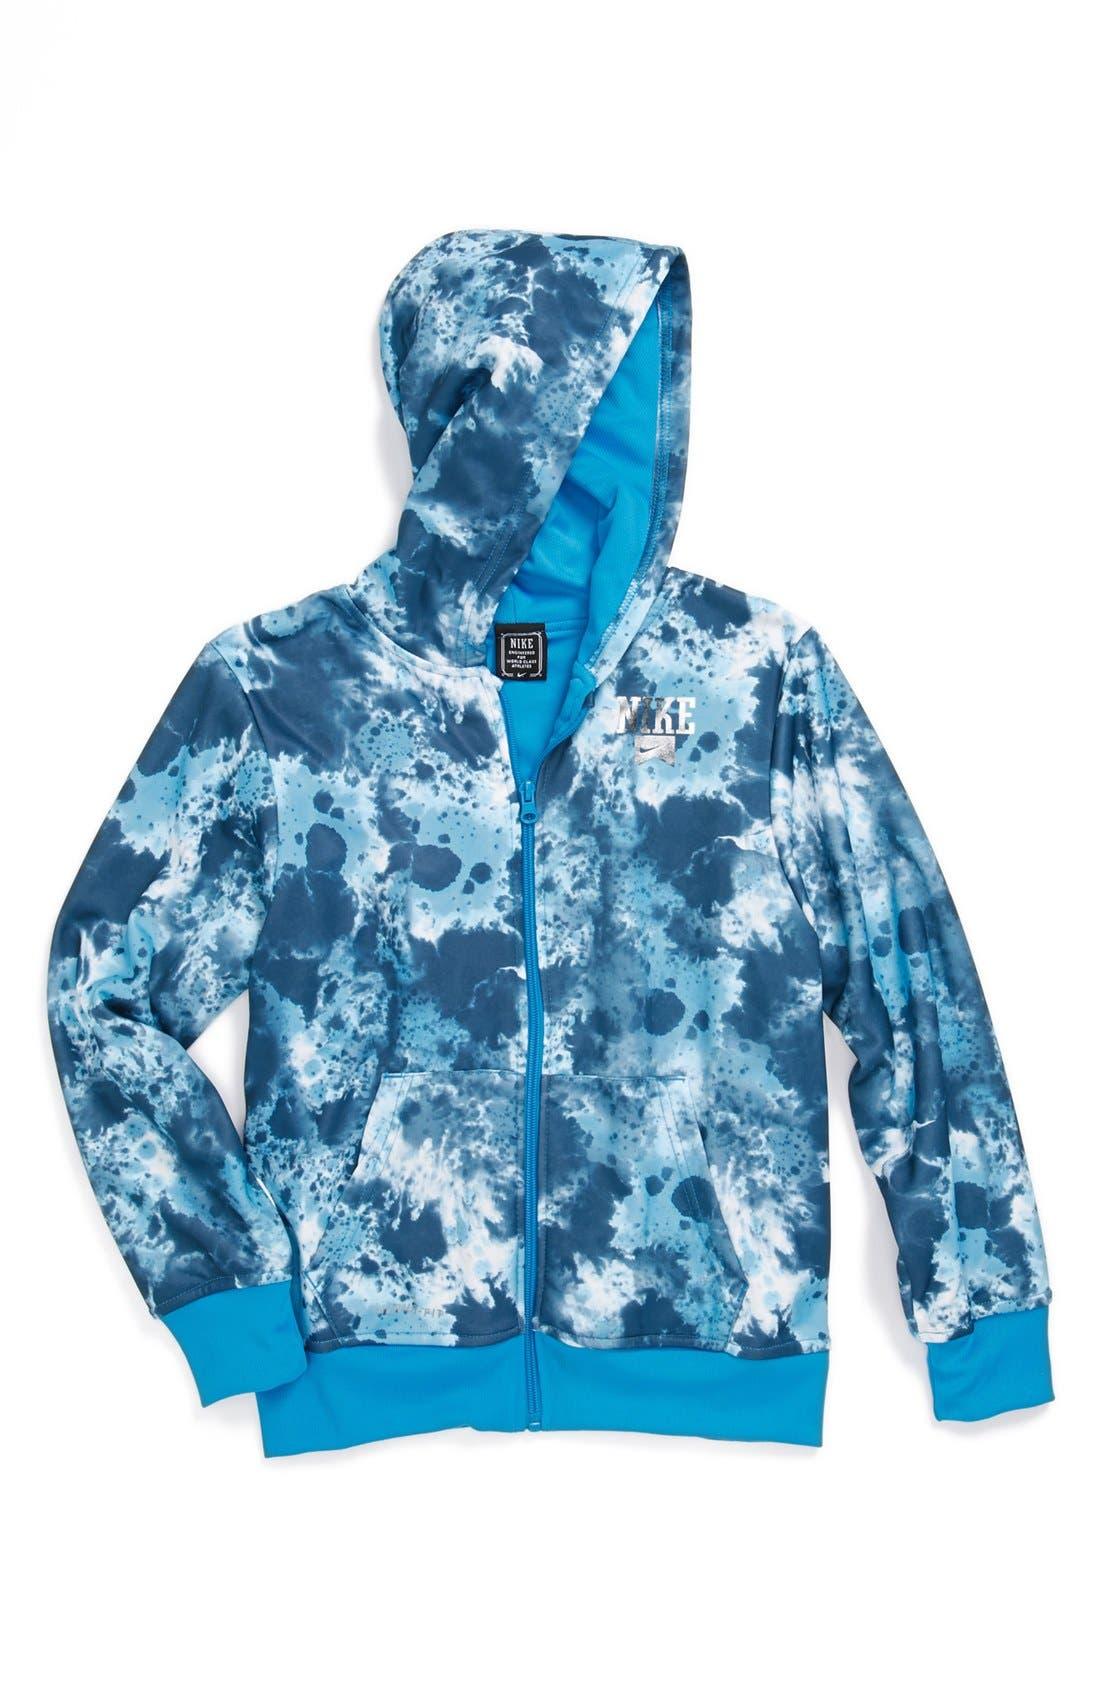 Alternate Image 1 Selected - Nike 'Neckface' Front Zip Hoodie (Big Boys)